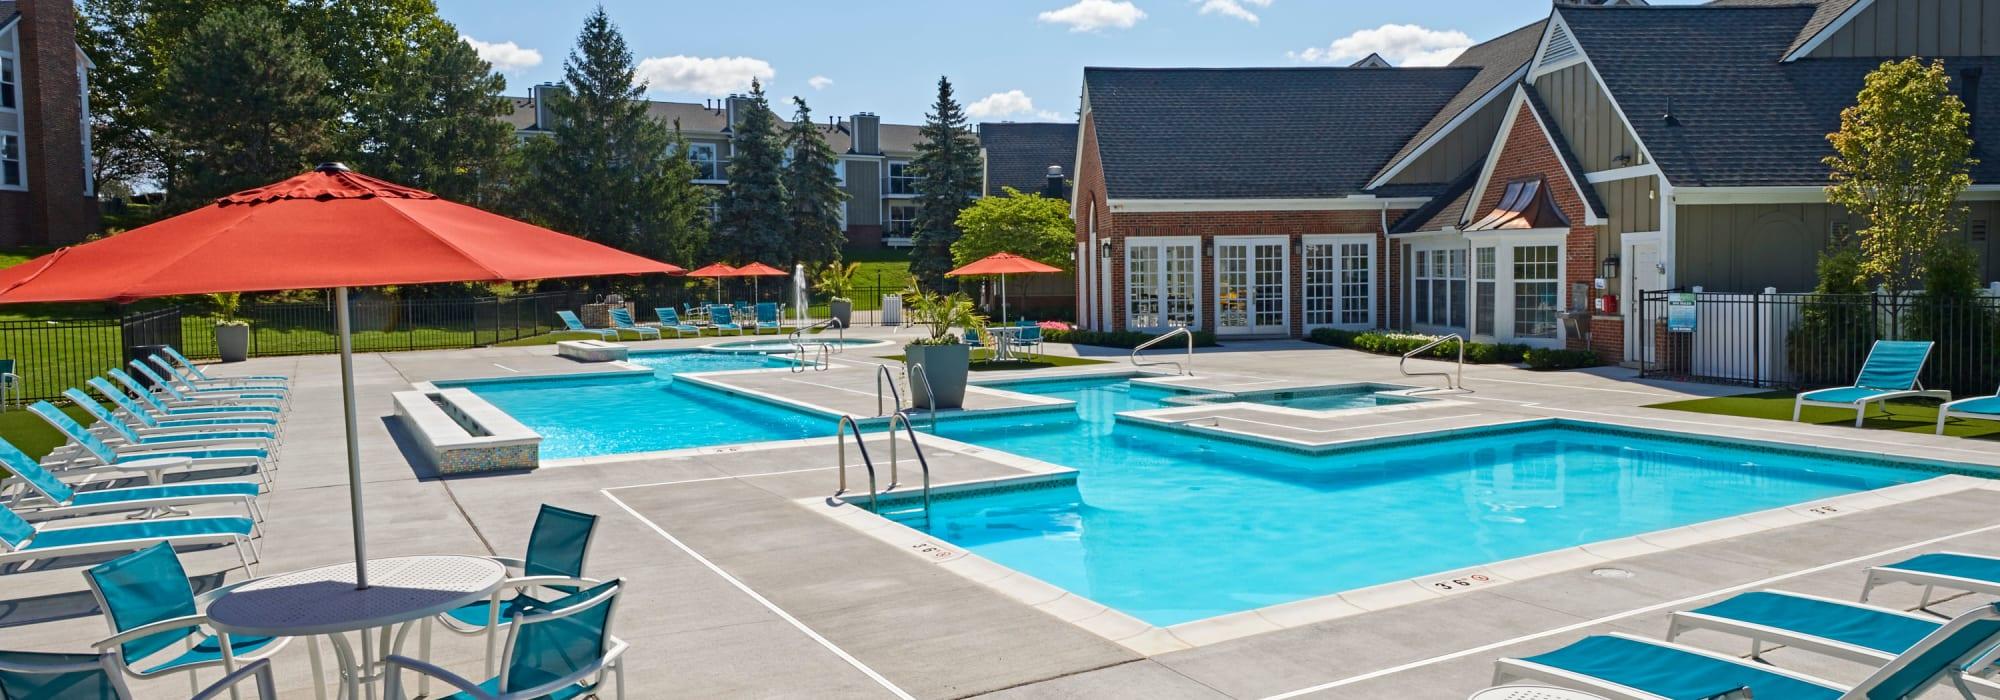 Apartments at Citation Club in Farmington/Farmington Hills, Michigan